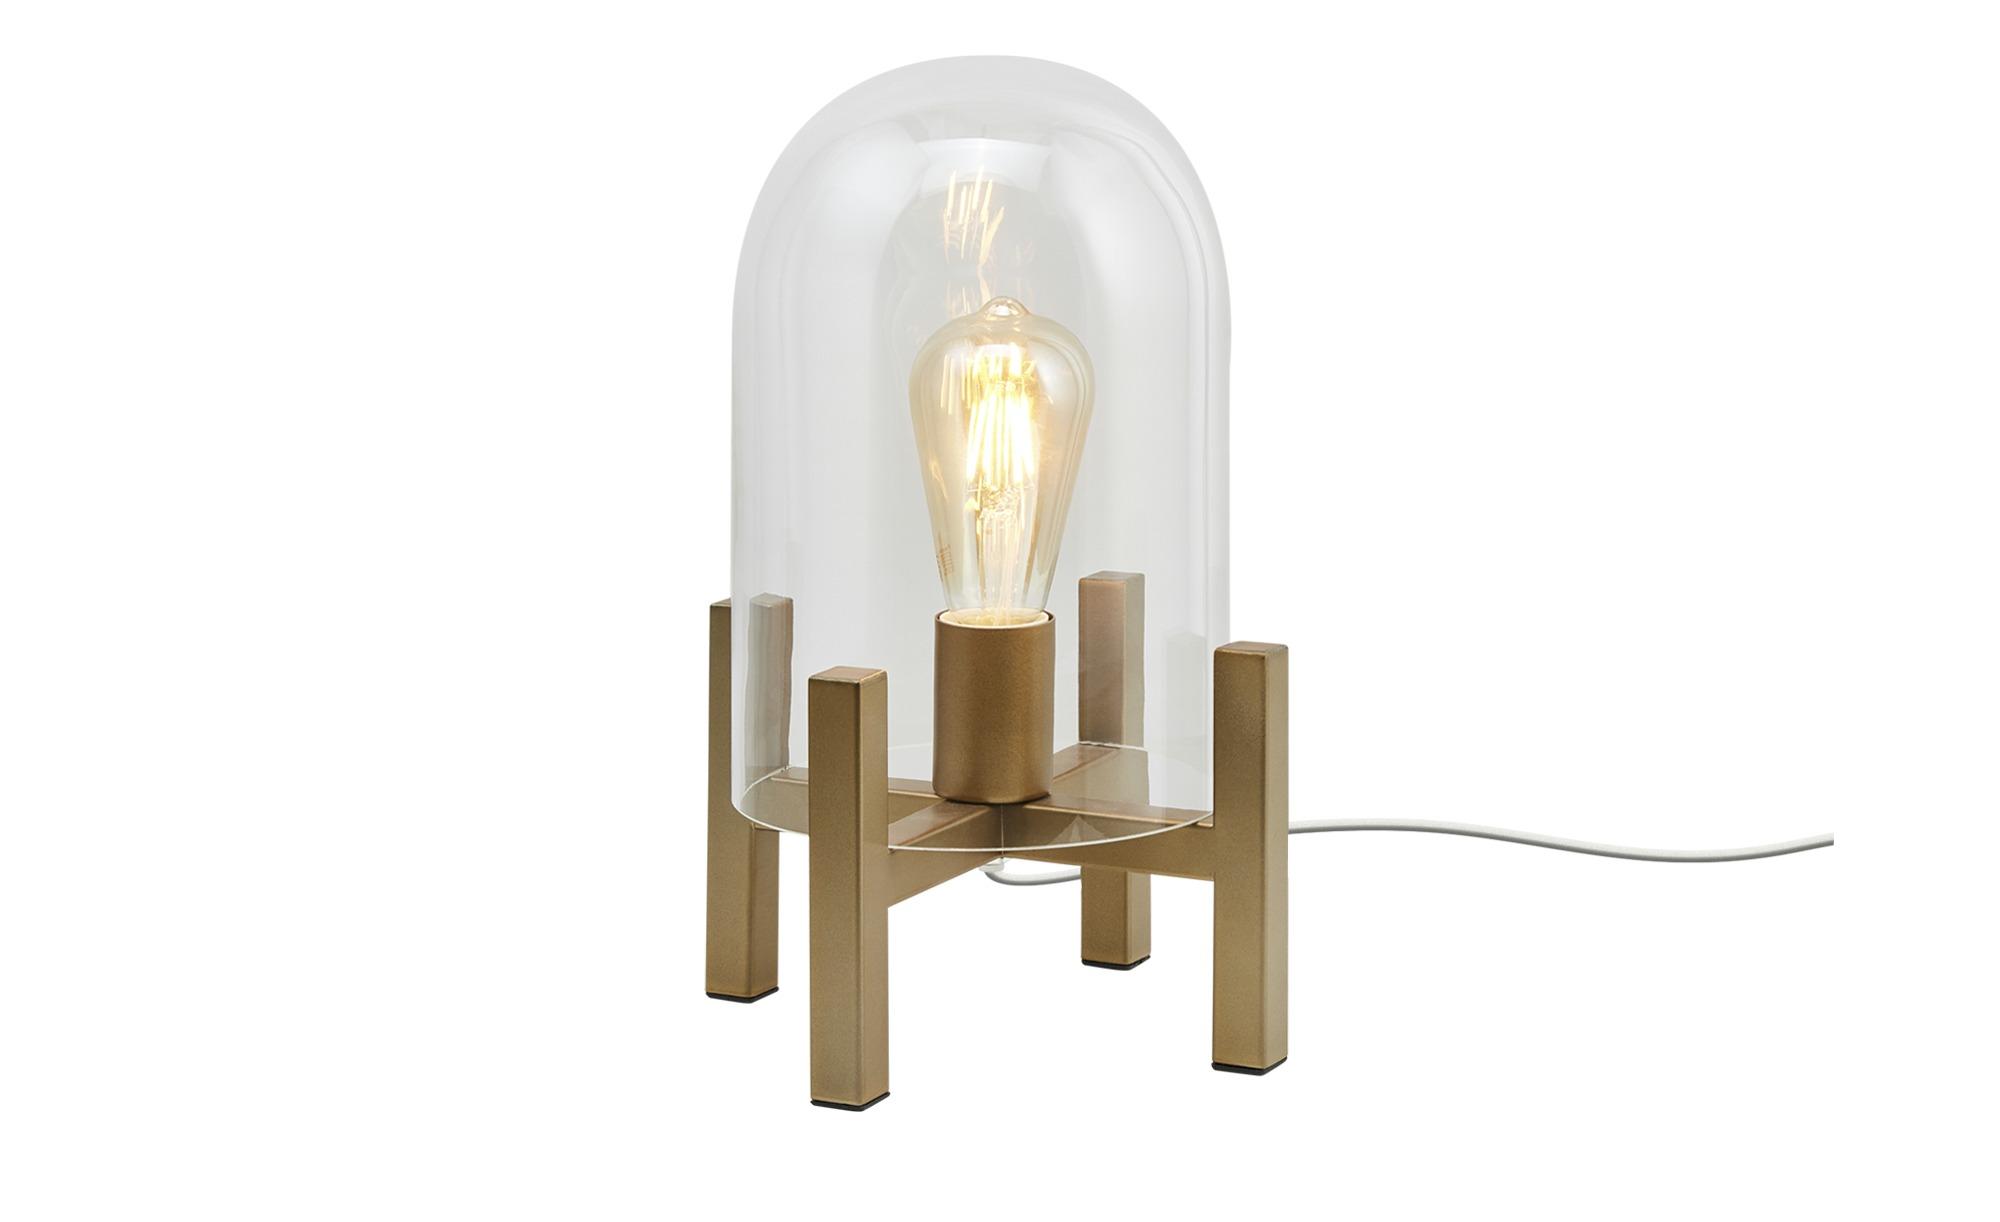 HOME STORY Tischleuchte, 1-flammig, messing-antik ¦ gold ¦ Maße (cm): H: 34 Ø: [17.5] Lampen & Leuchten > Innenleuchten > Tischlampen - Höffner